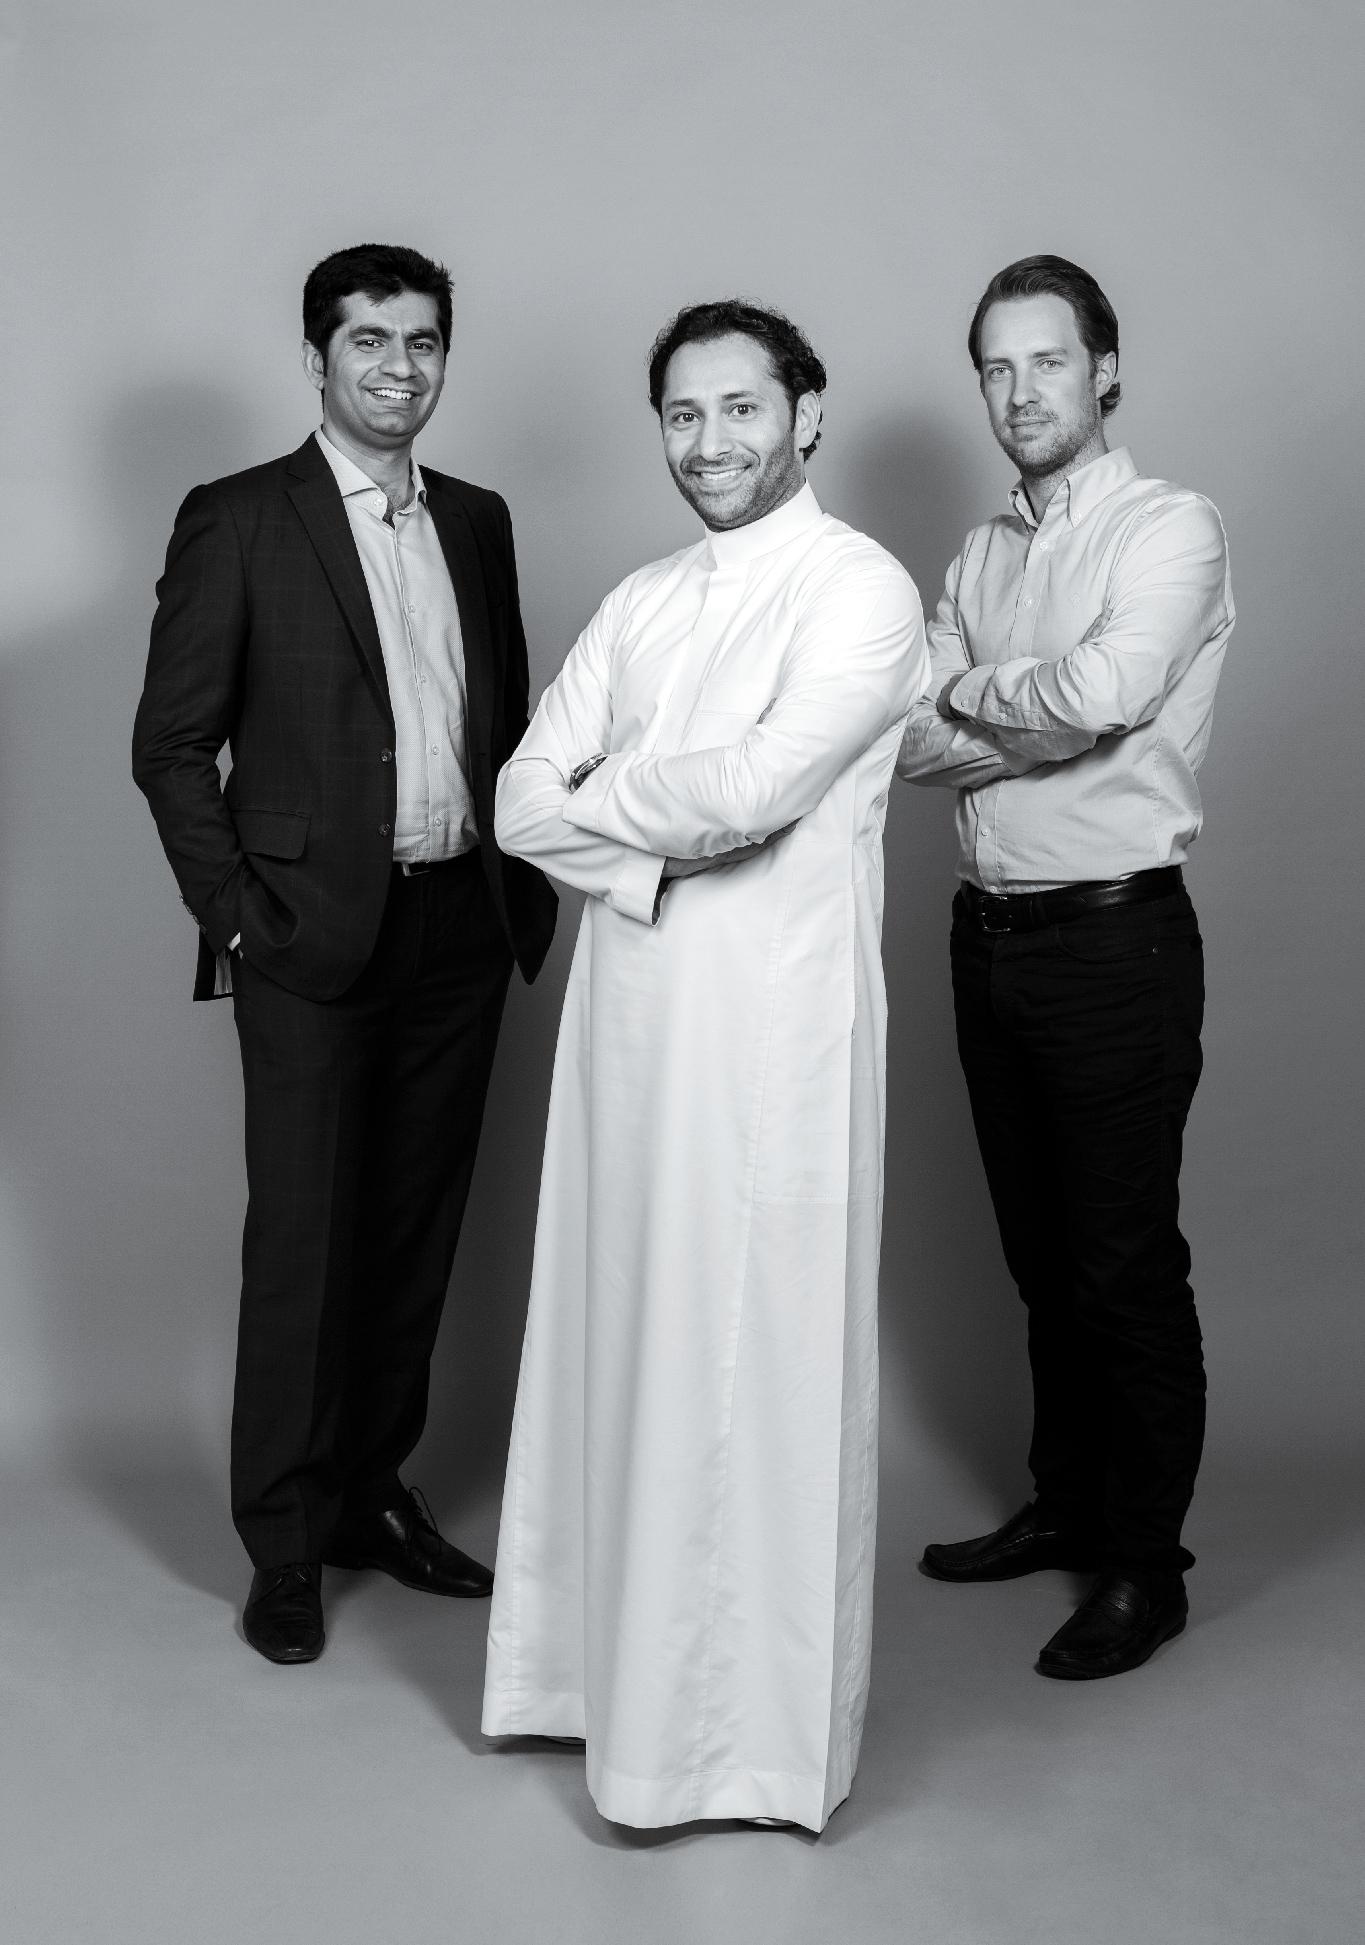 Los cofundadores de Careem Mudassir Sheikha (izquierda), Abdulla Elyas (centro) y Magnus Olsson (derecha).